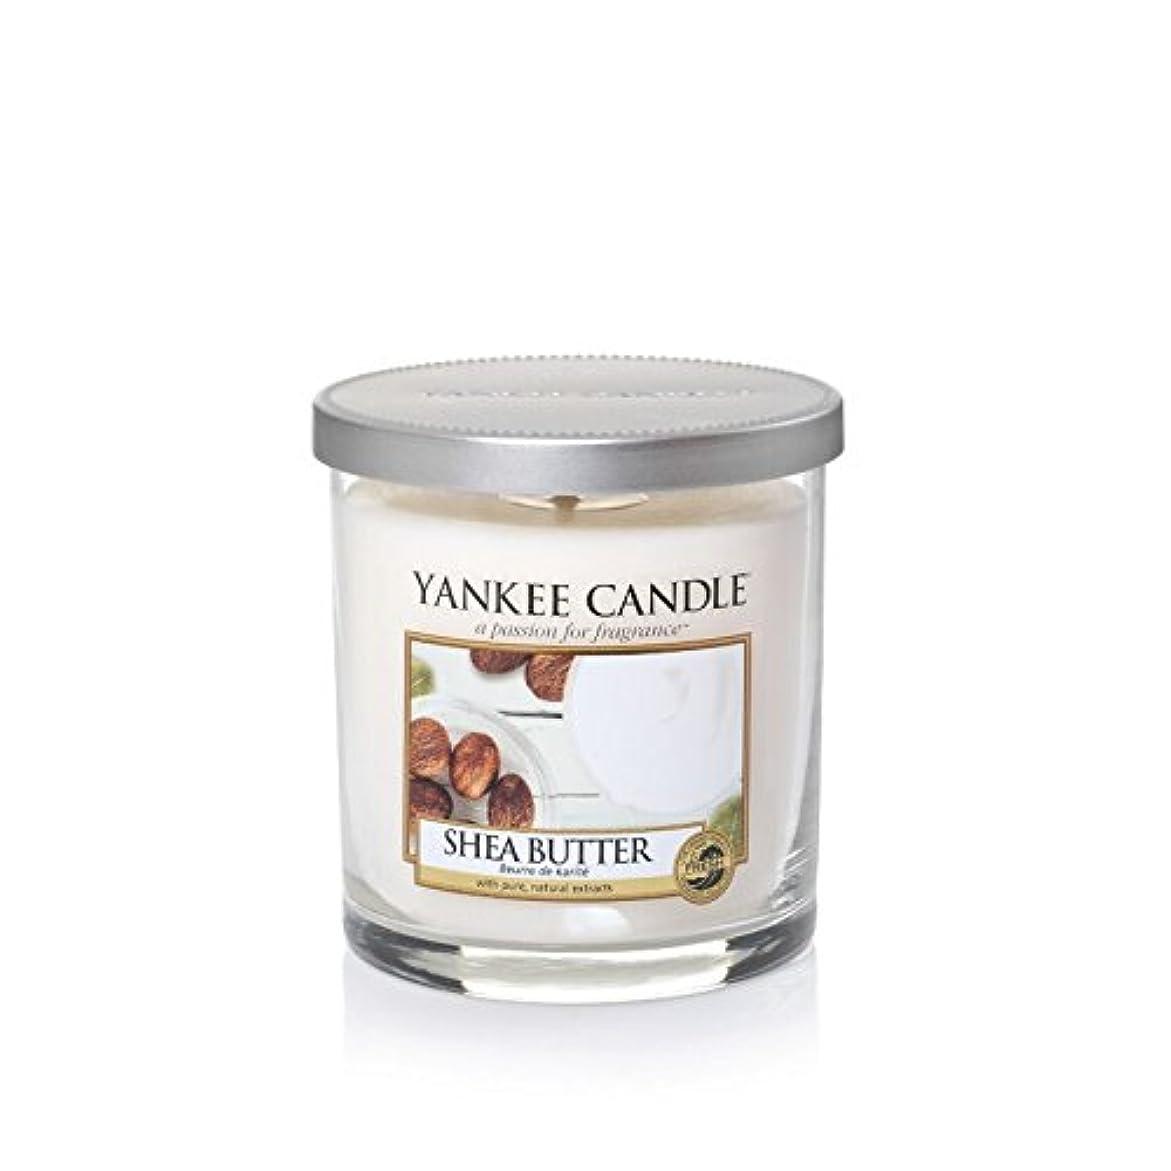 めまいに関してめまいヤンキーキャンドルの小さな柱キャンドル - シアバター - Yankee Candles Small Pillar Candle - Shea Butter (Yankee Candles) [並行輸入品]